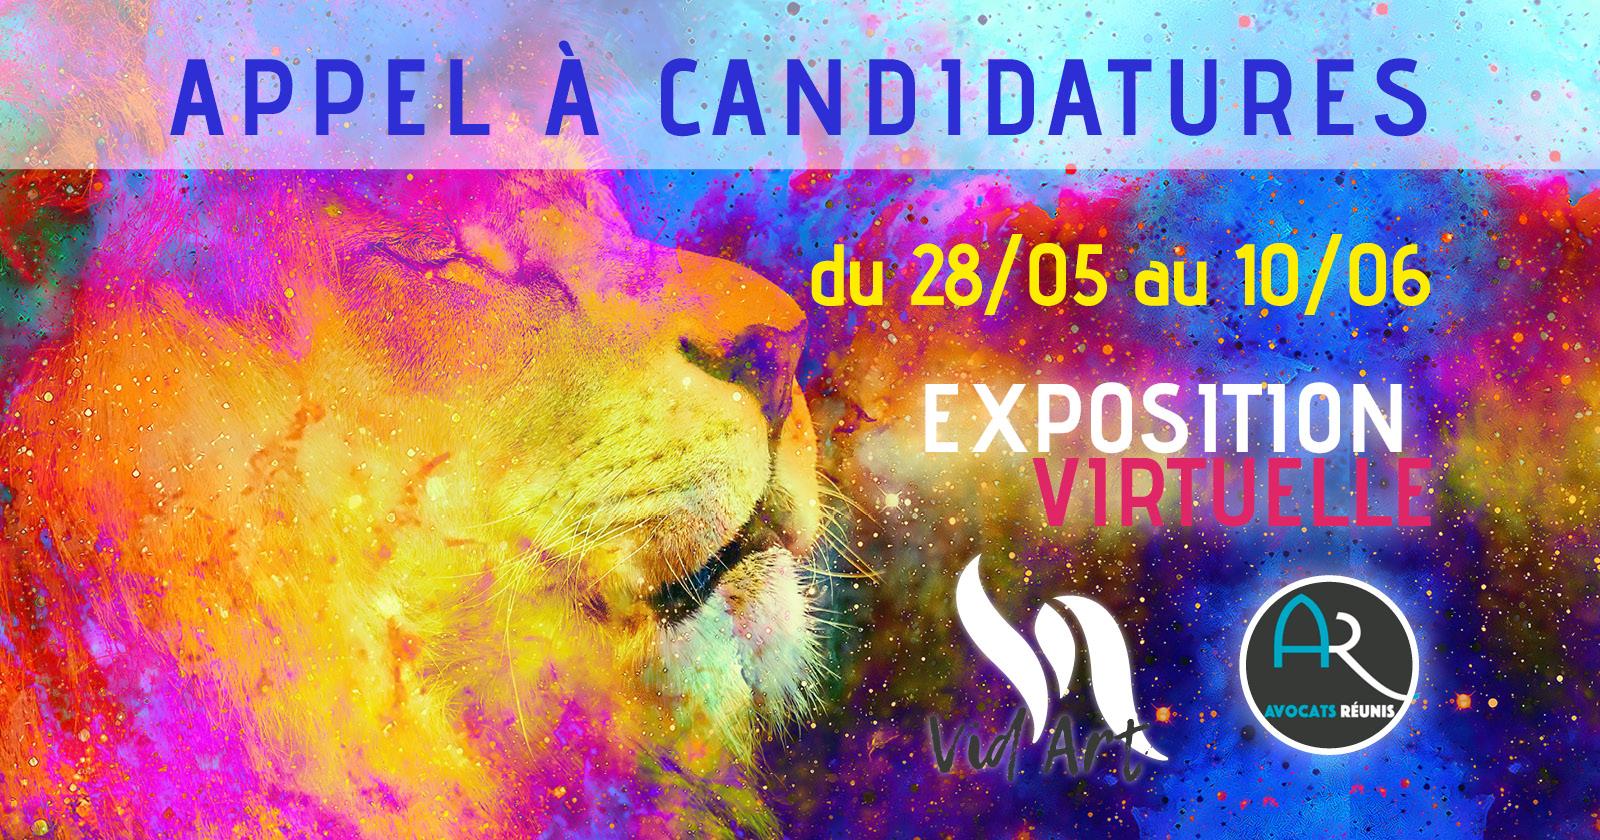 Avocats réunis Vid'Art 2021 3d exposition virtuelle artistique Martinique